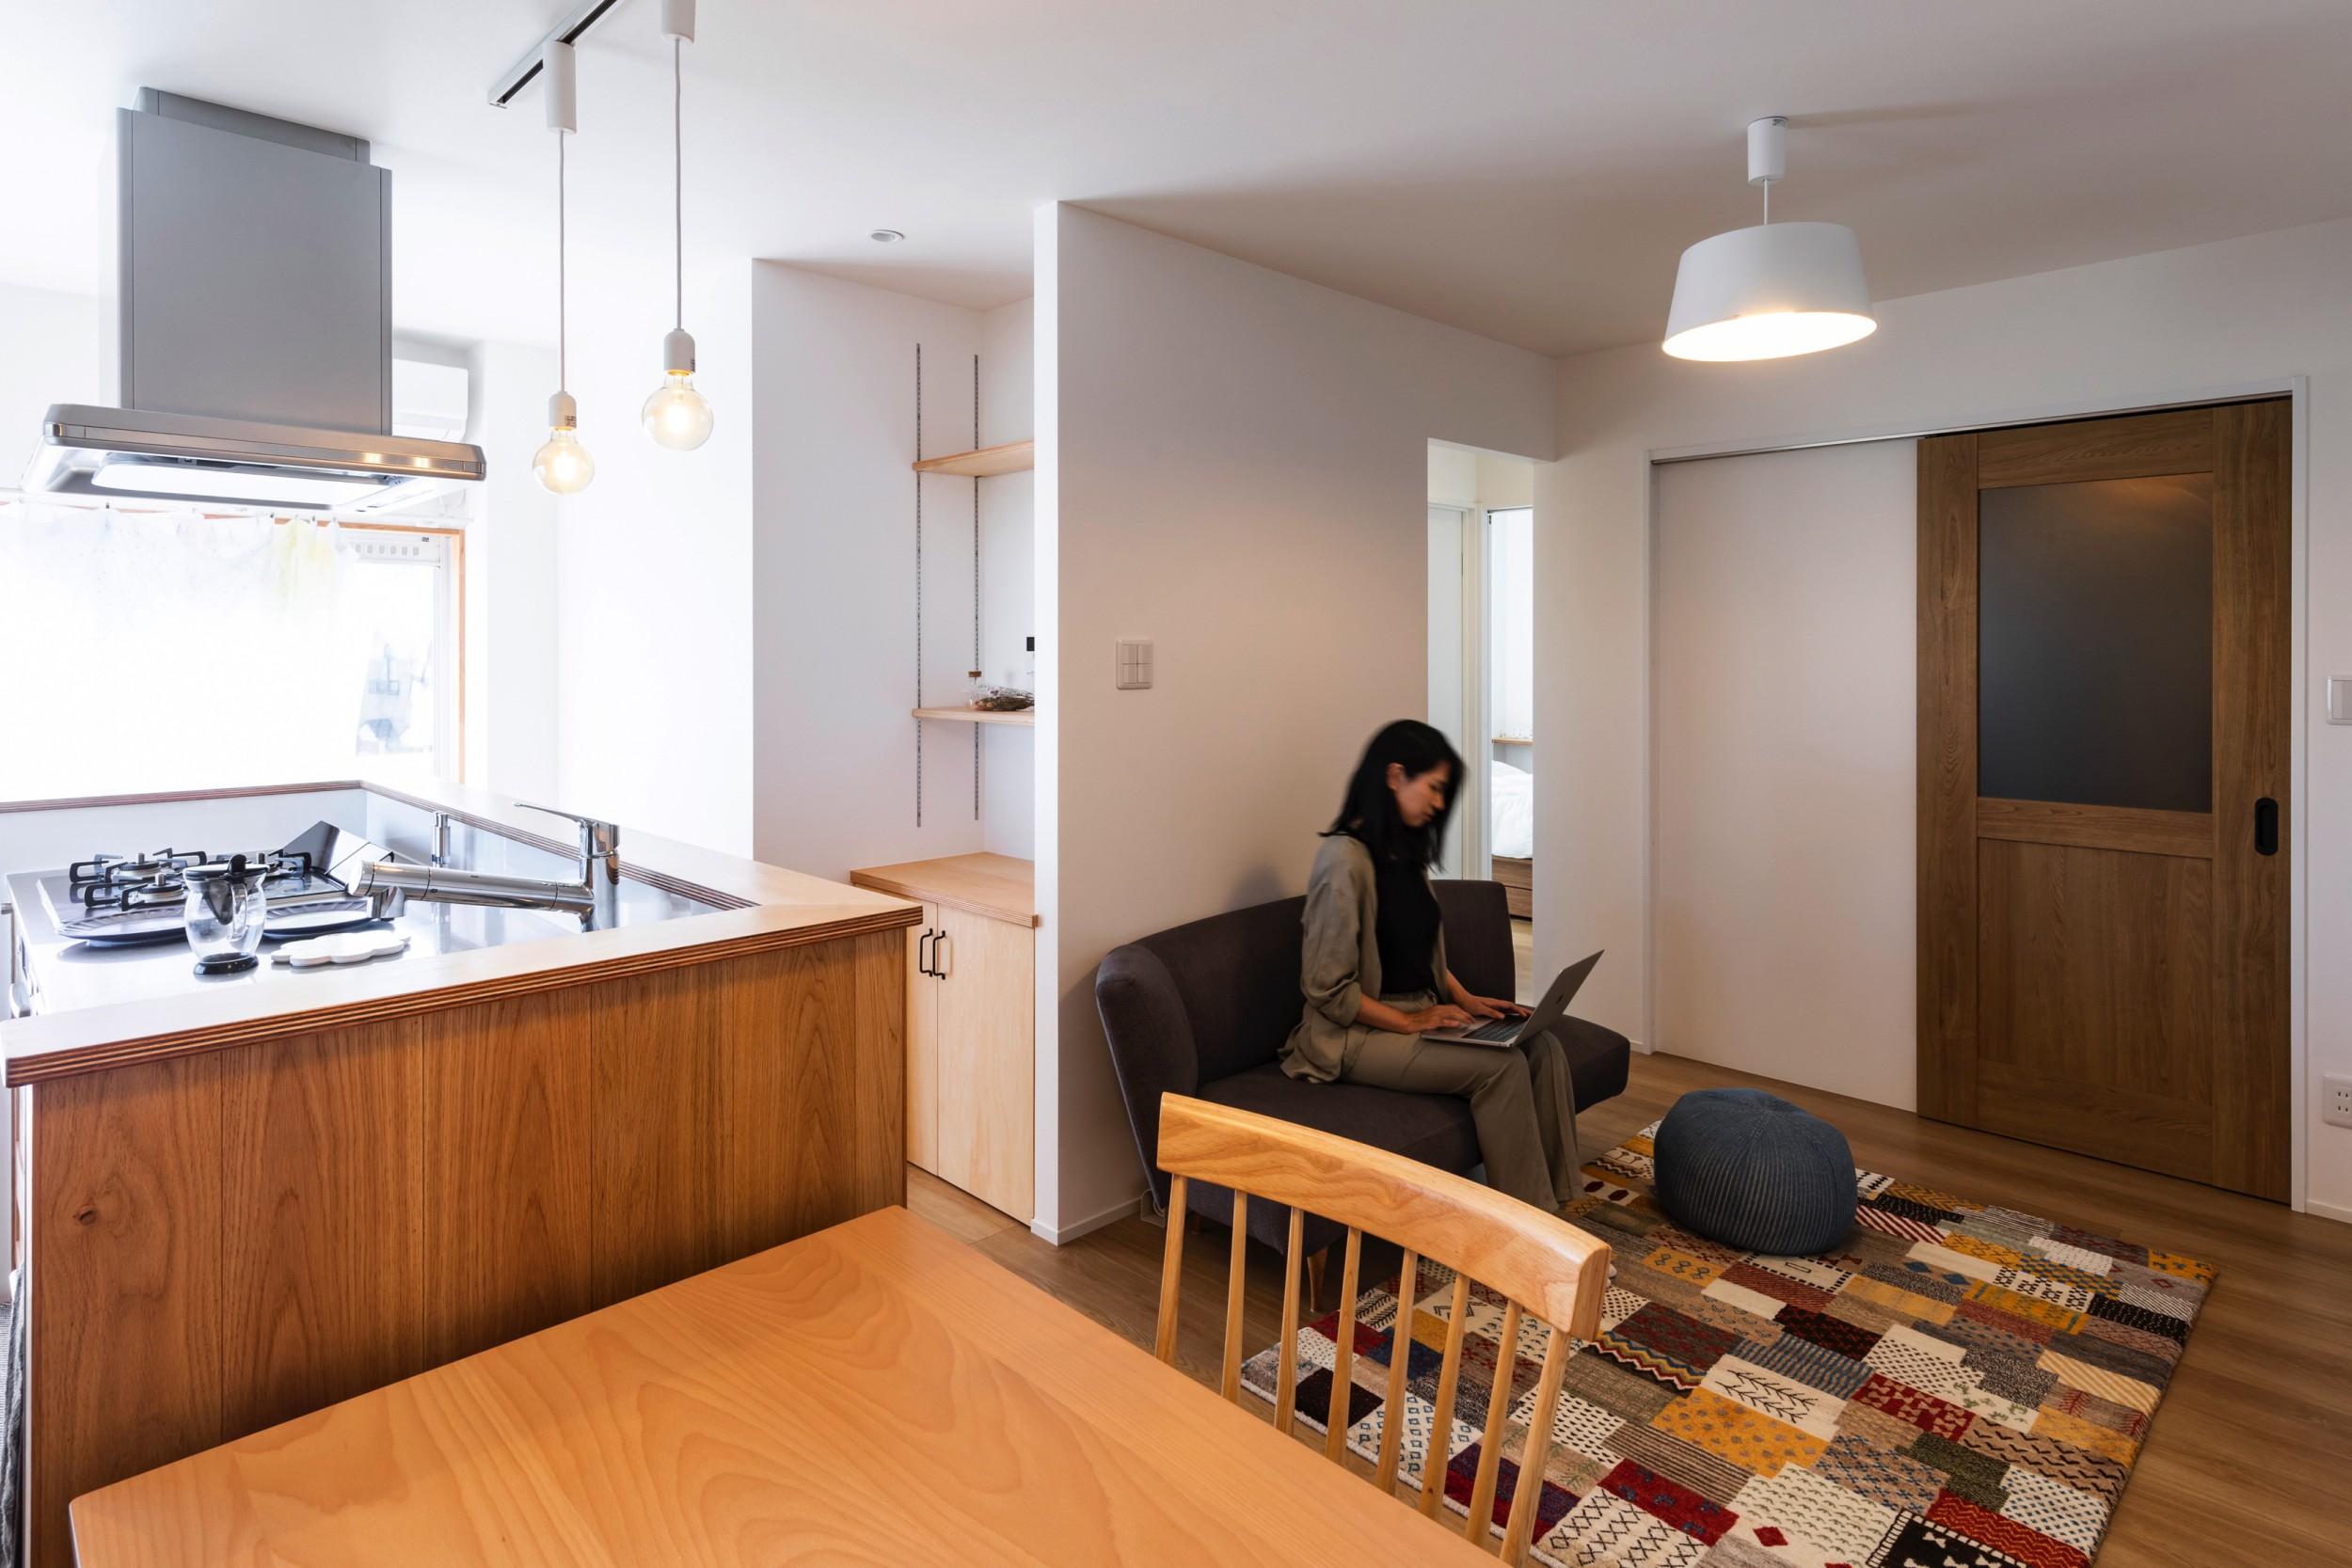 大垣市の賃貸リノベーション・リフォーム事例のリビング